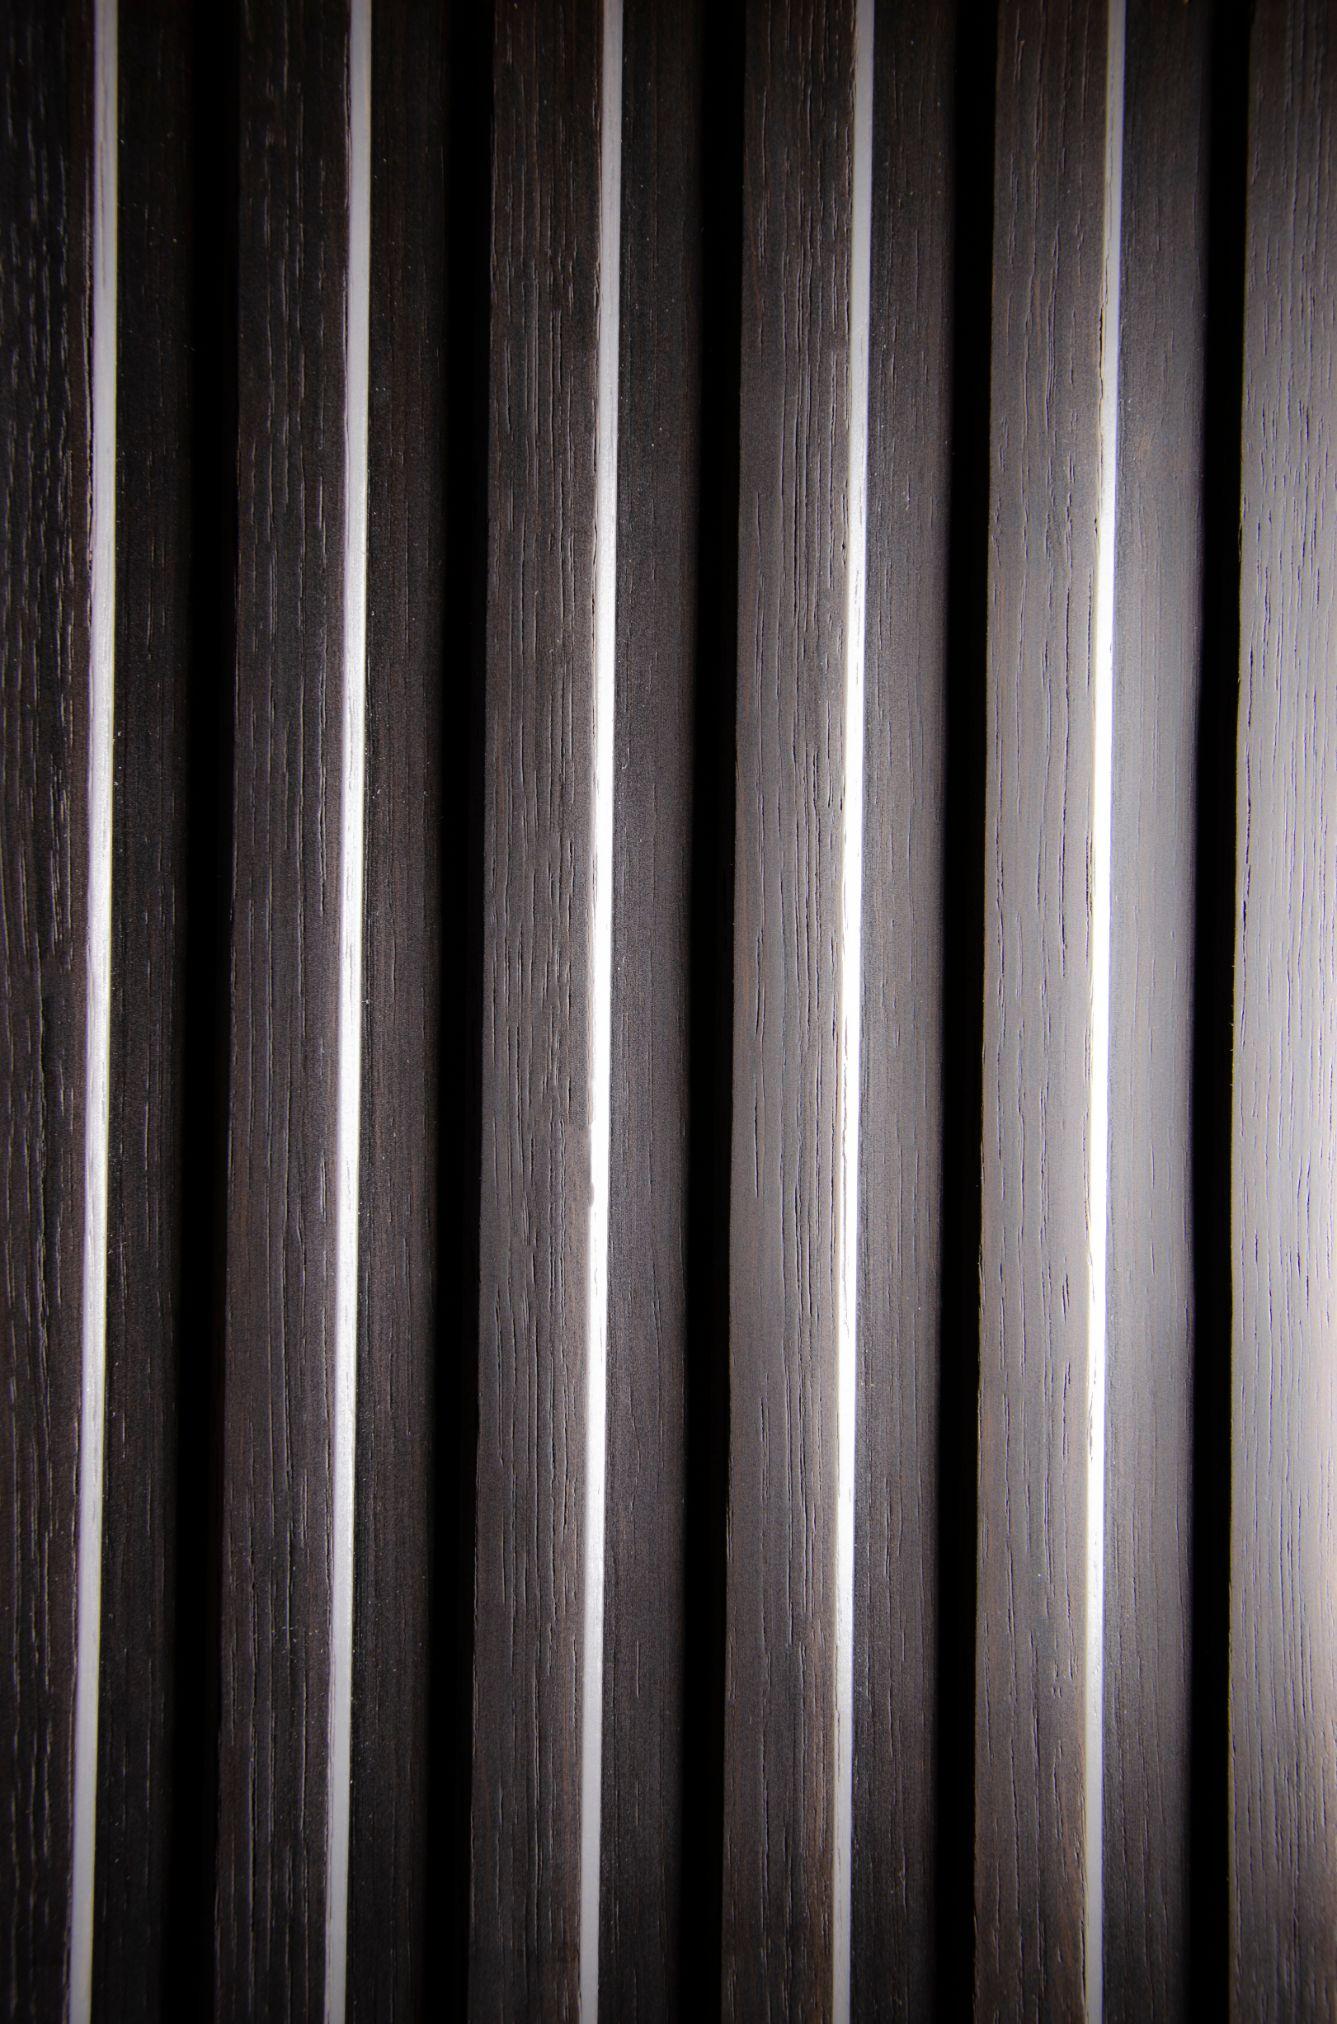 2552 - TRAPEZ - Bog Oak - Real wood veneer